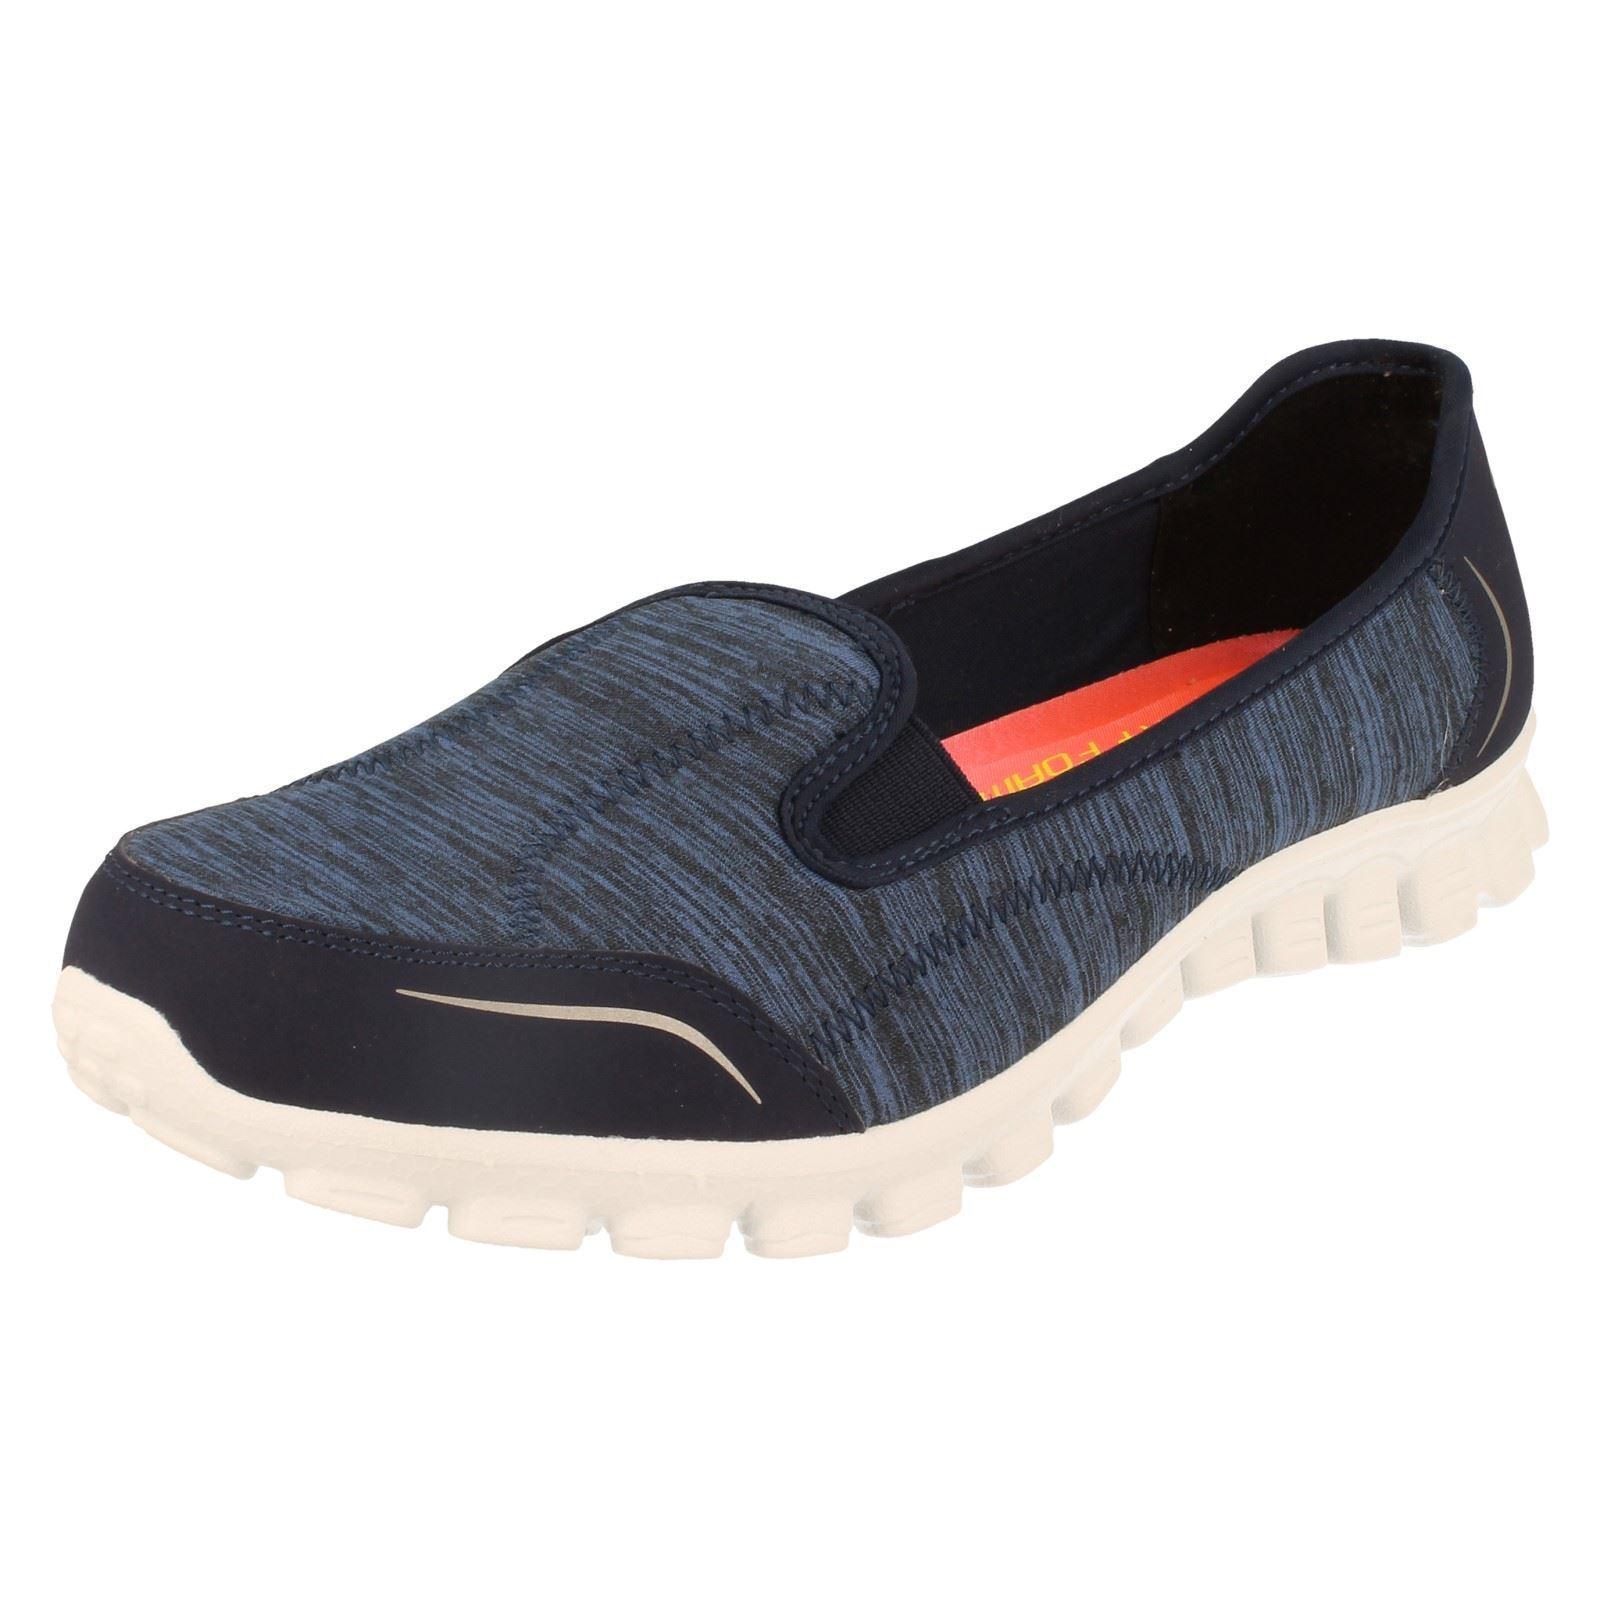 Damas Skechers EZ Flex 2 encuentro Resbalón en Zapatillas Zapatos de espuma de memoria 22641